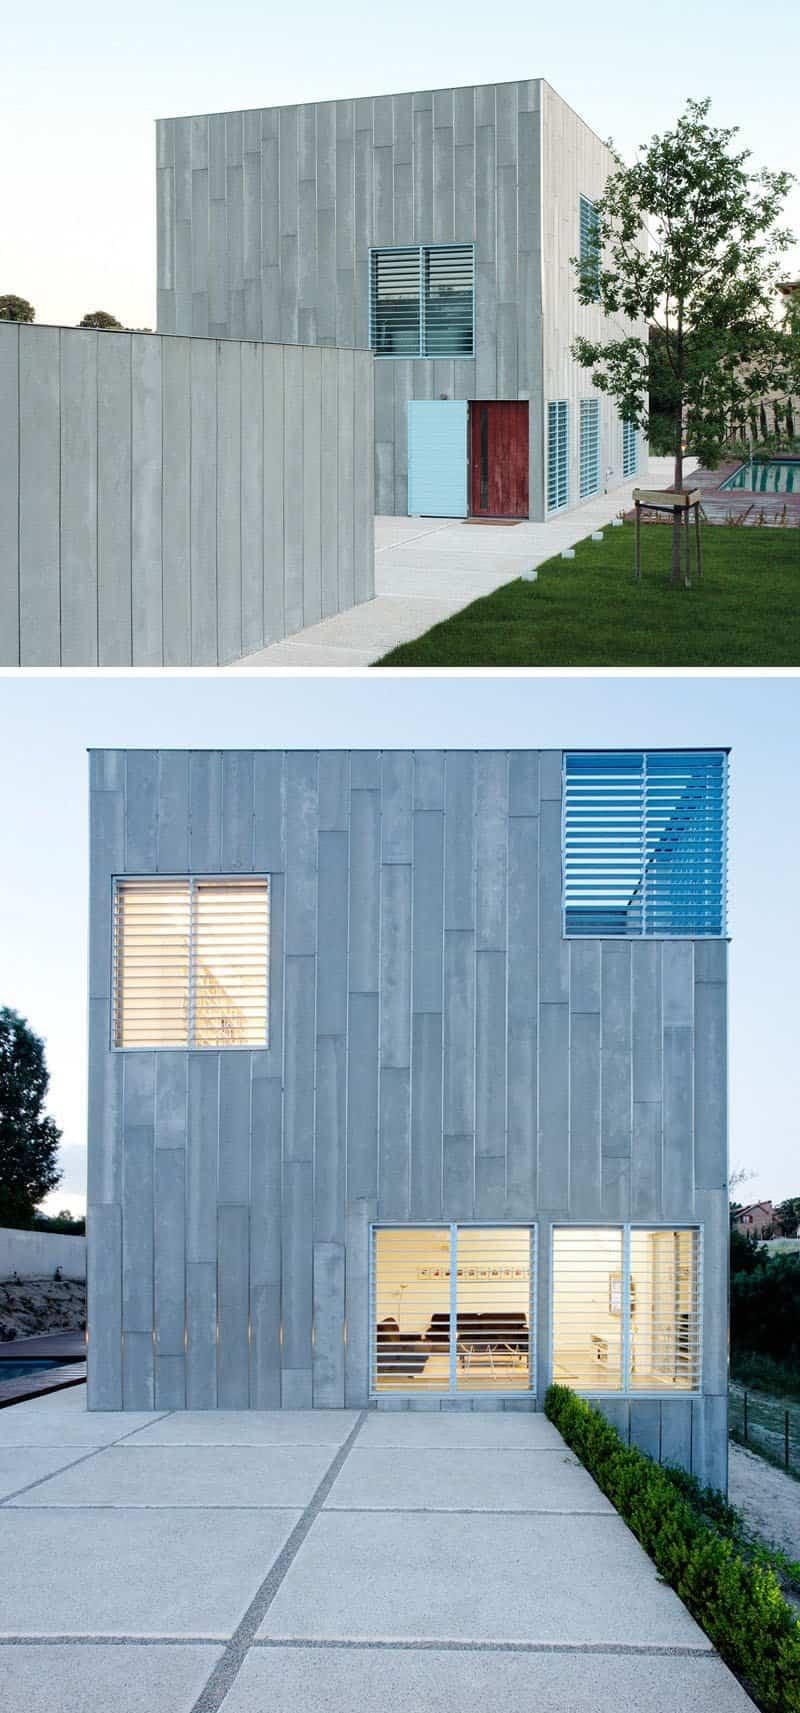 12 Casas Modernas Que Cuentan Con Una Fachada Minimalista - Fachadas-minimalistas